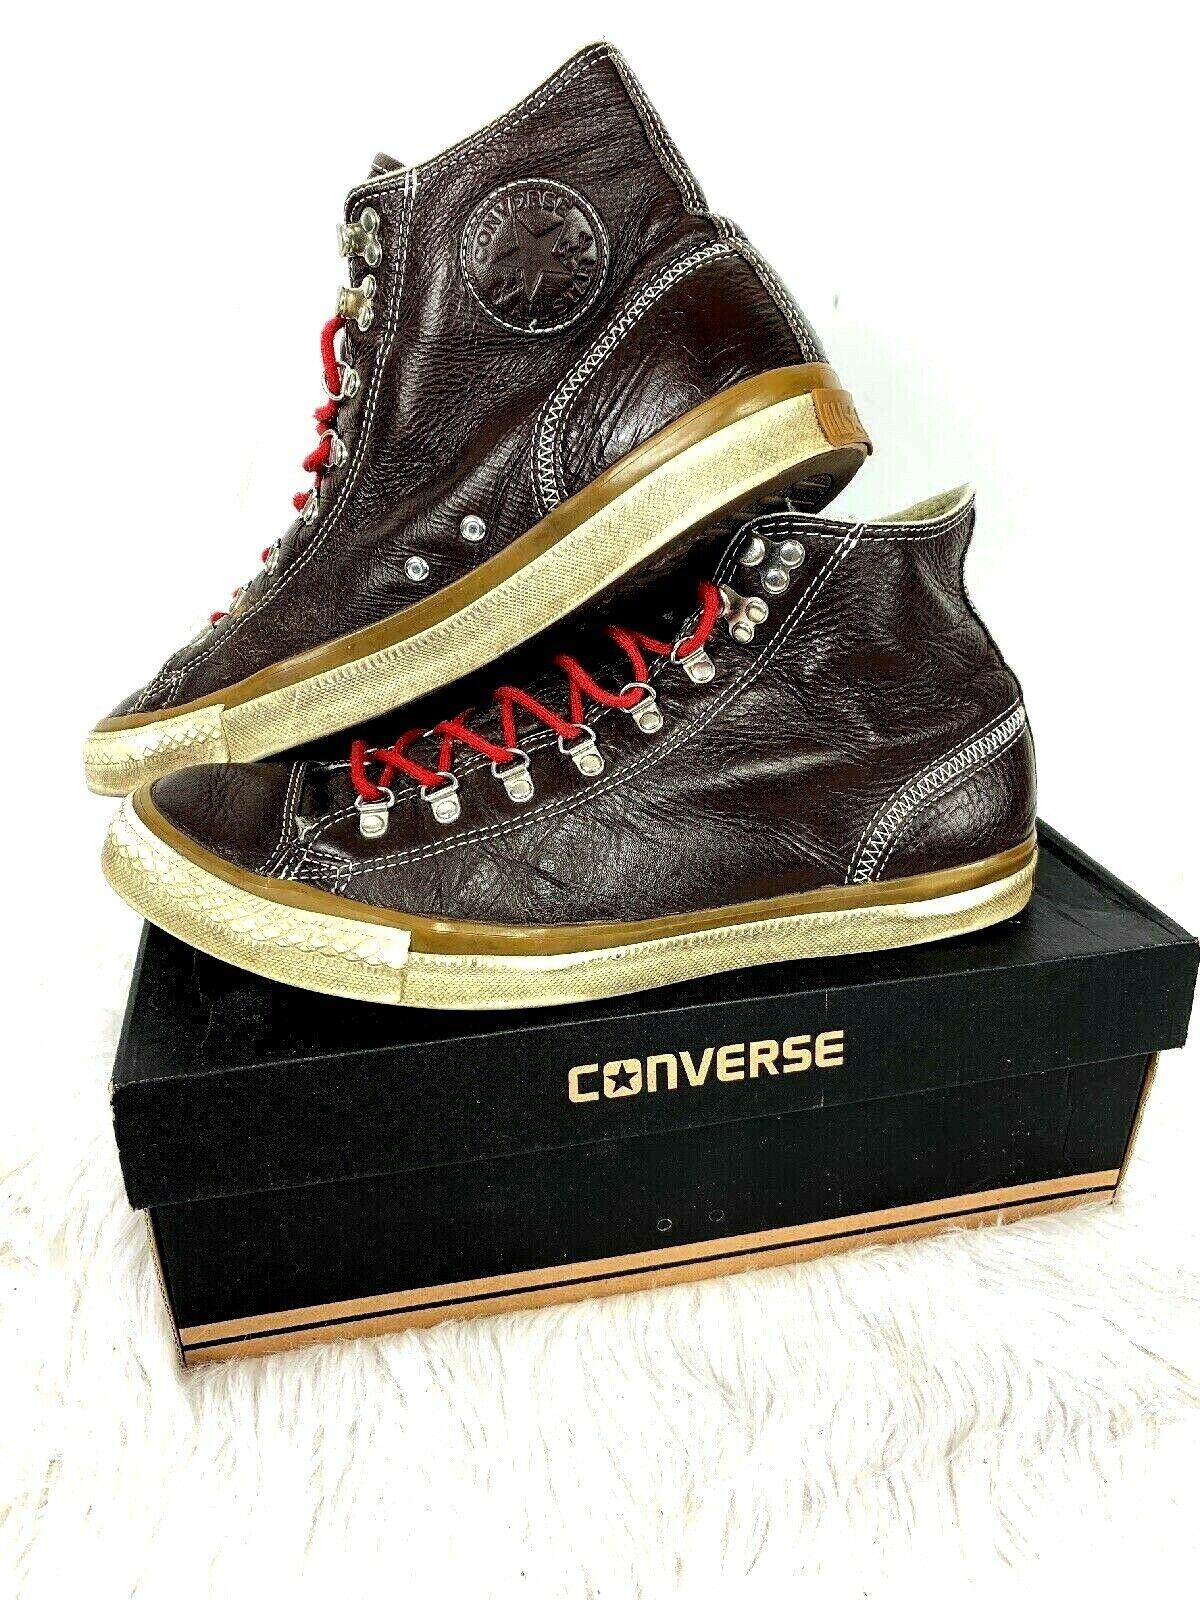 Converse Chuck Taylor Hiker alta Top zapatos talla 13 Cuero Marrón para Hombre en Caja